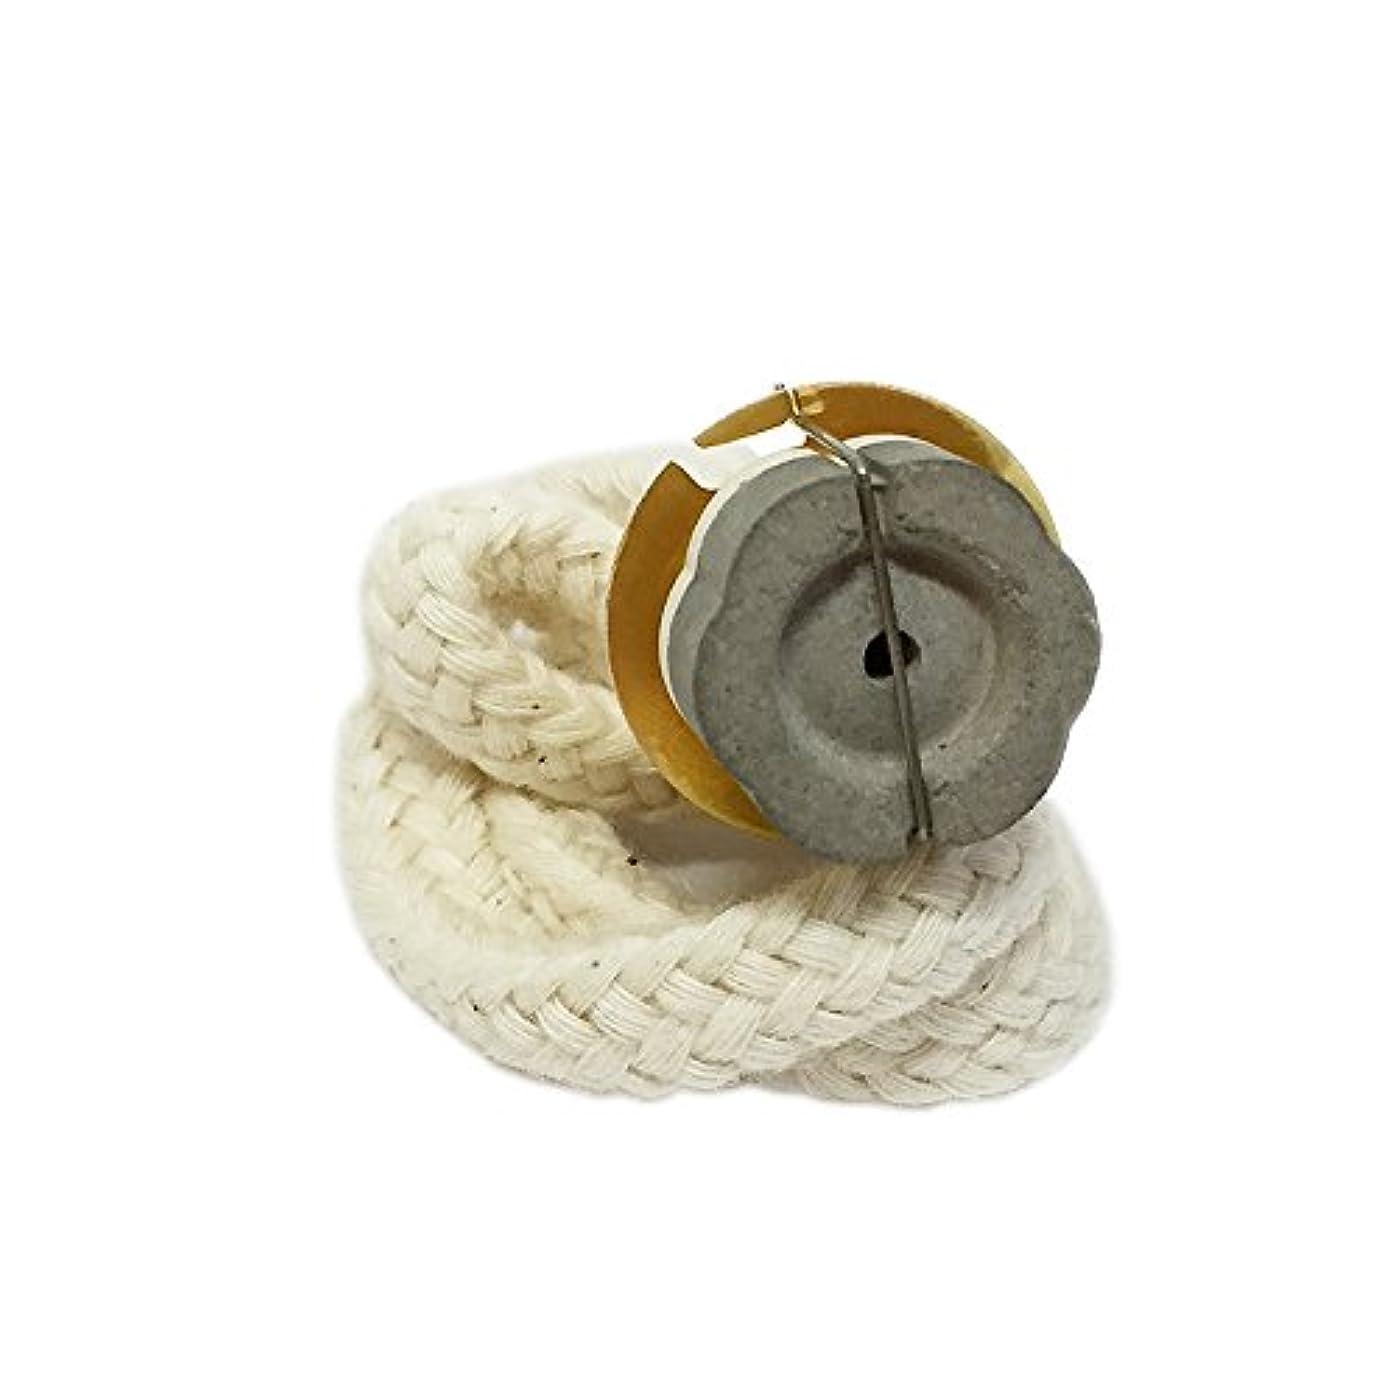 チャールズキージングさわやか安心ランプベルジェにも使えるアロマランプ交換バーナー【ゴールド】ラージランプ用 セラミック芯